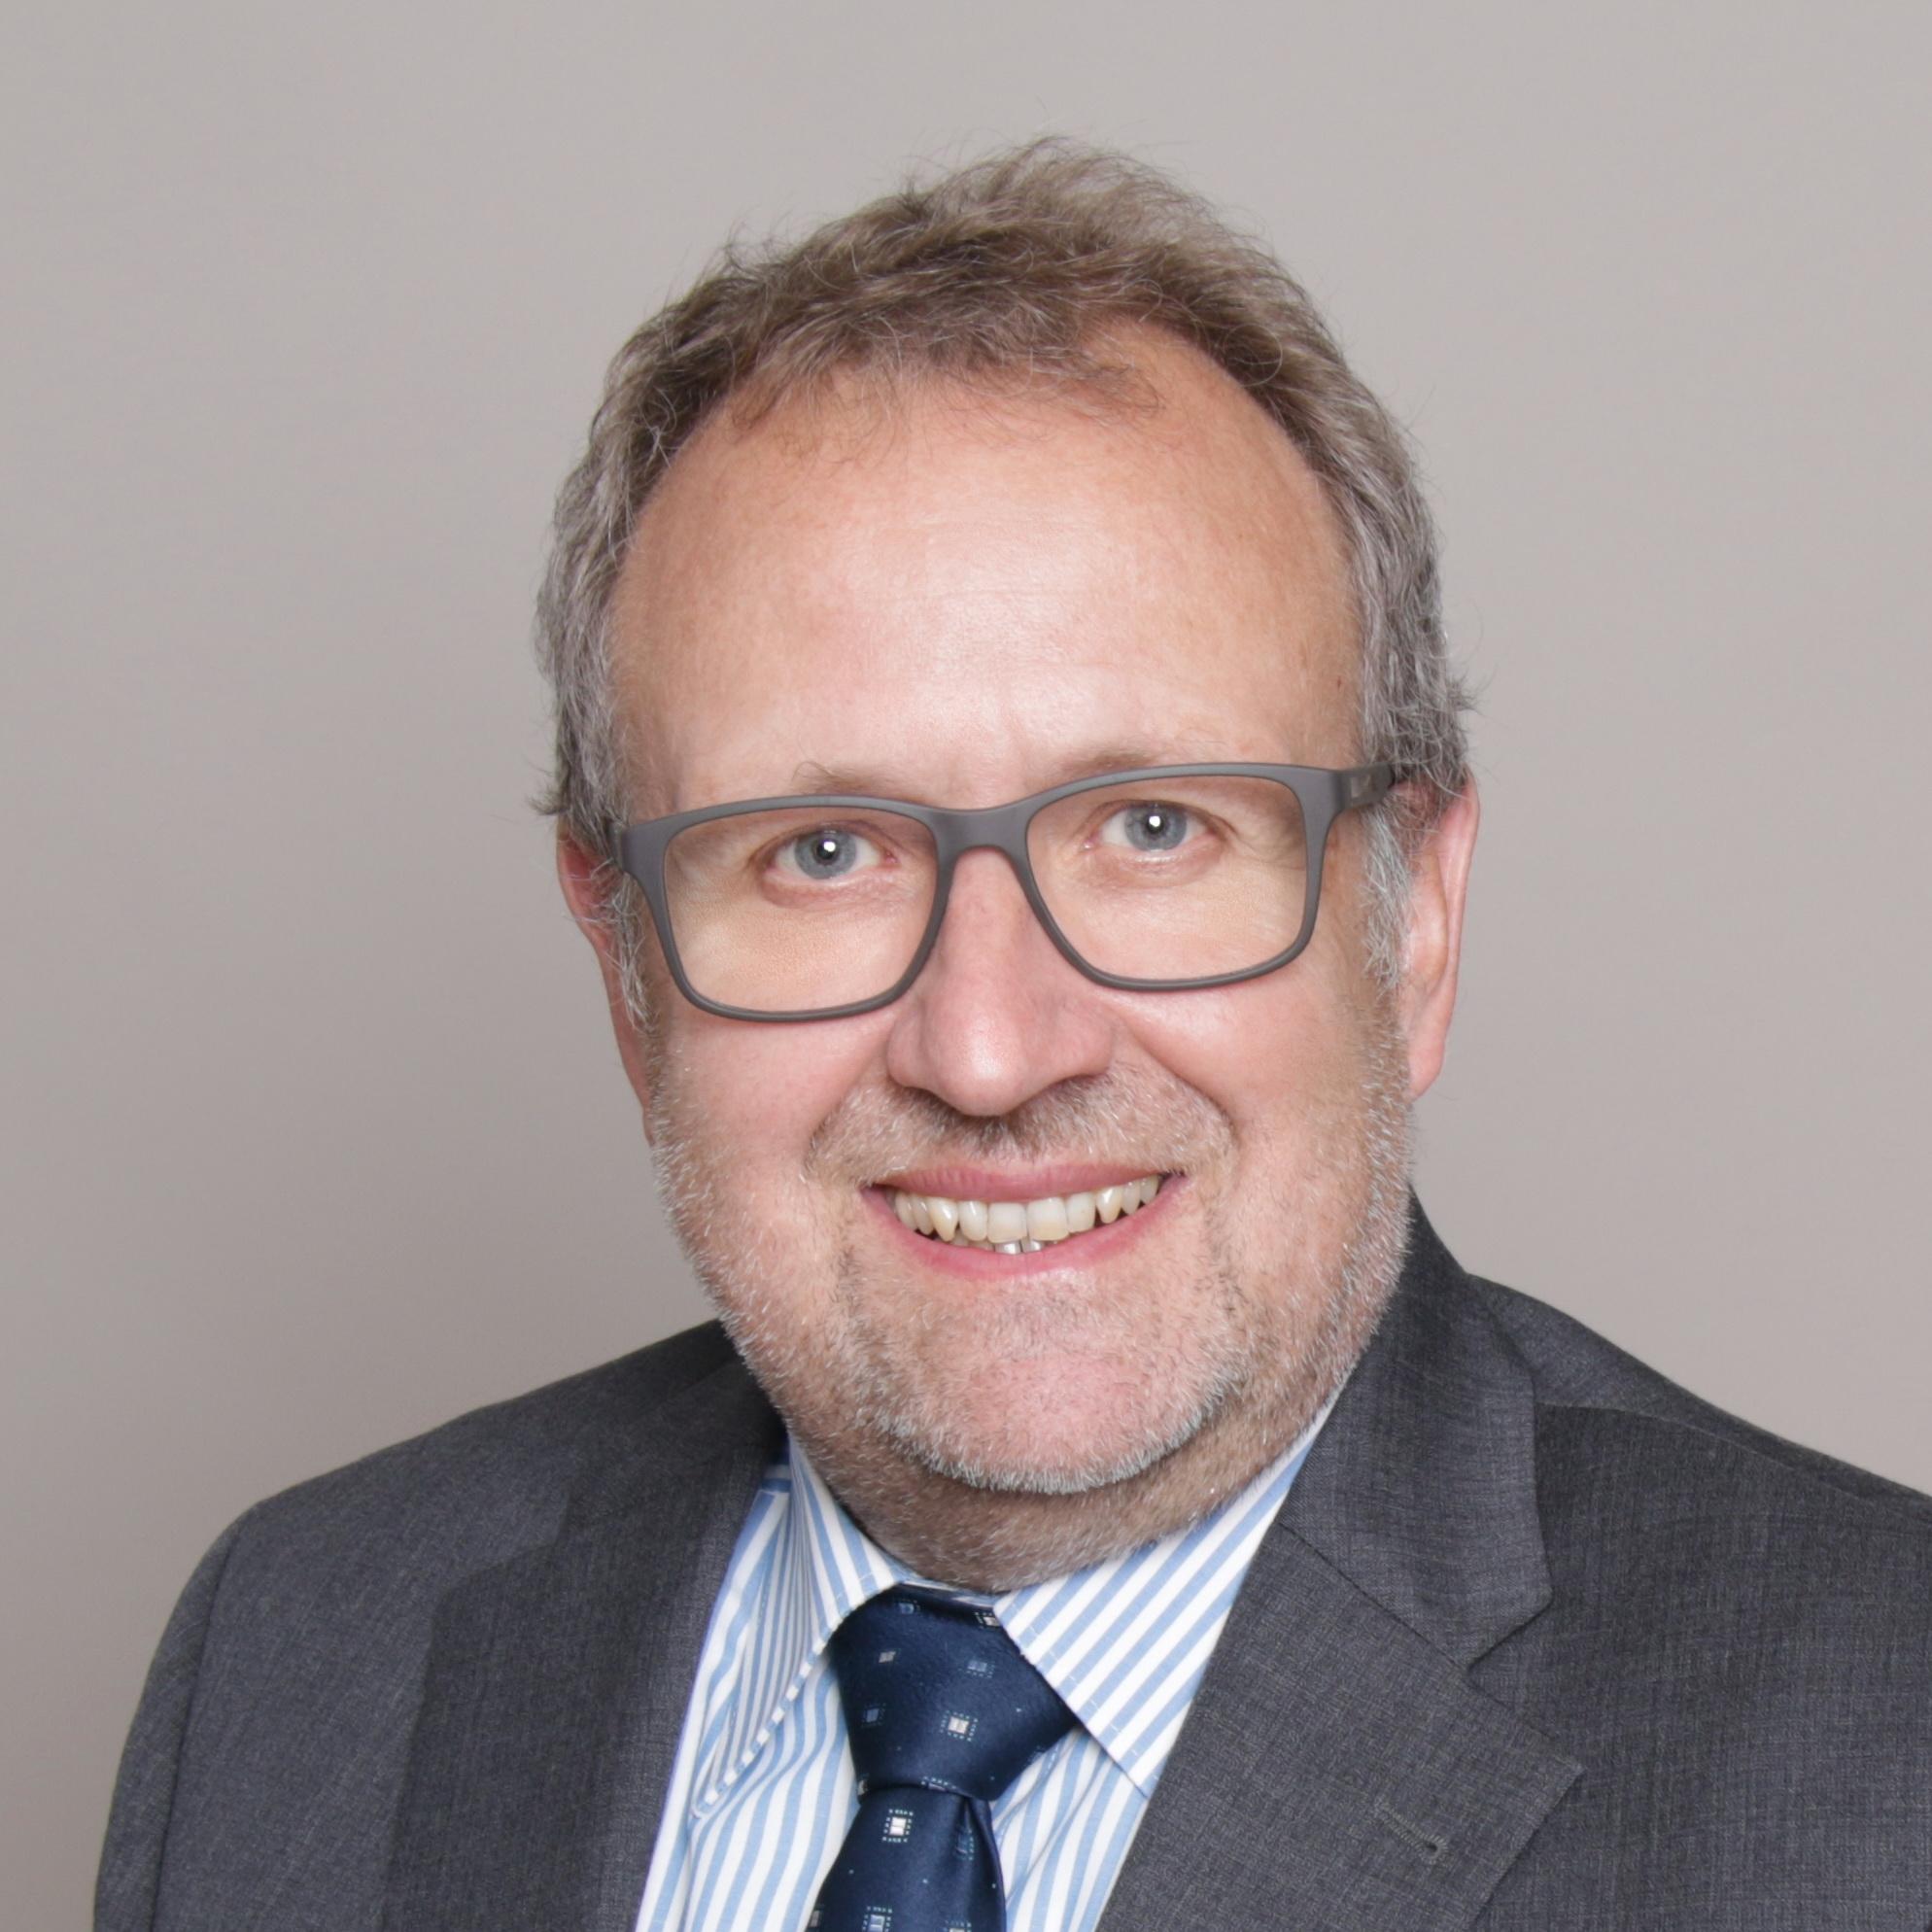 Wolfgang Blust